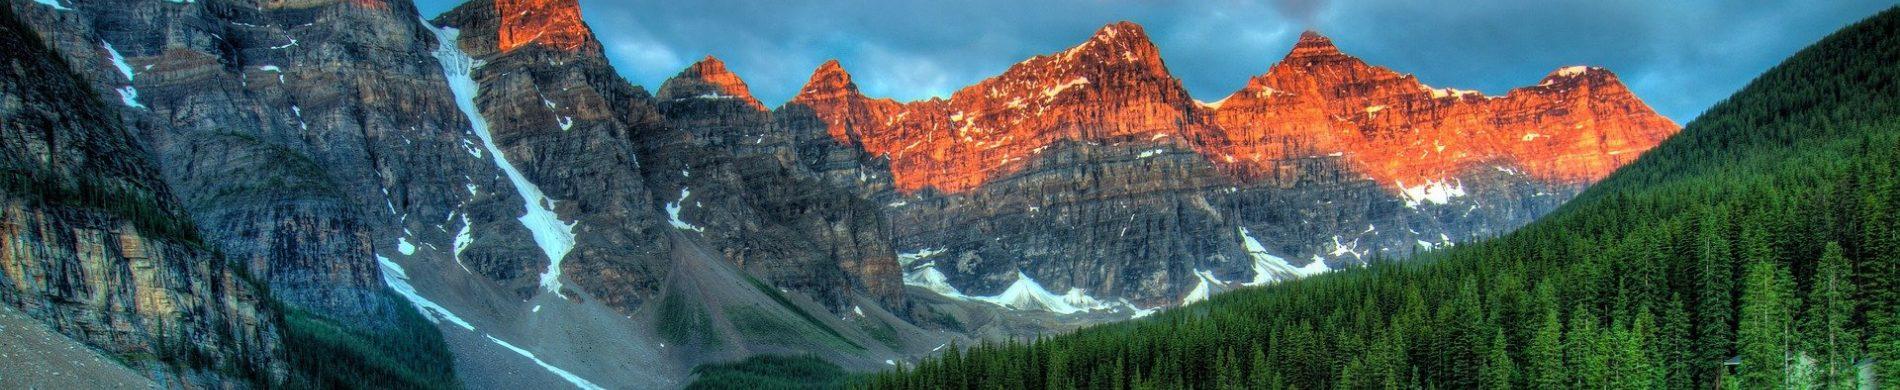 Canada - Yukon, ski de randonnée au pays des trappeurs - Les matins du monde